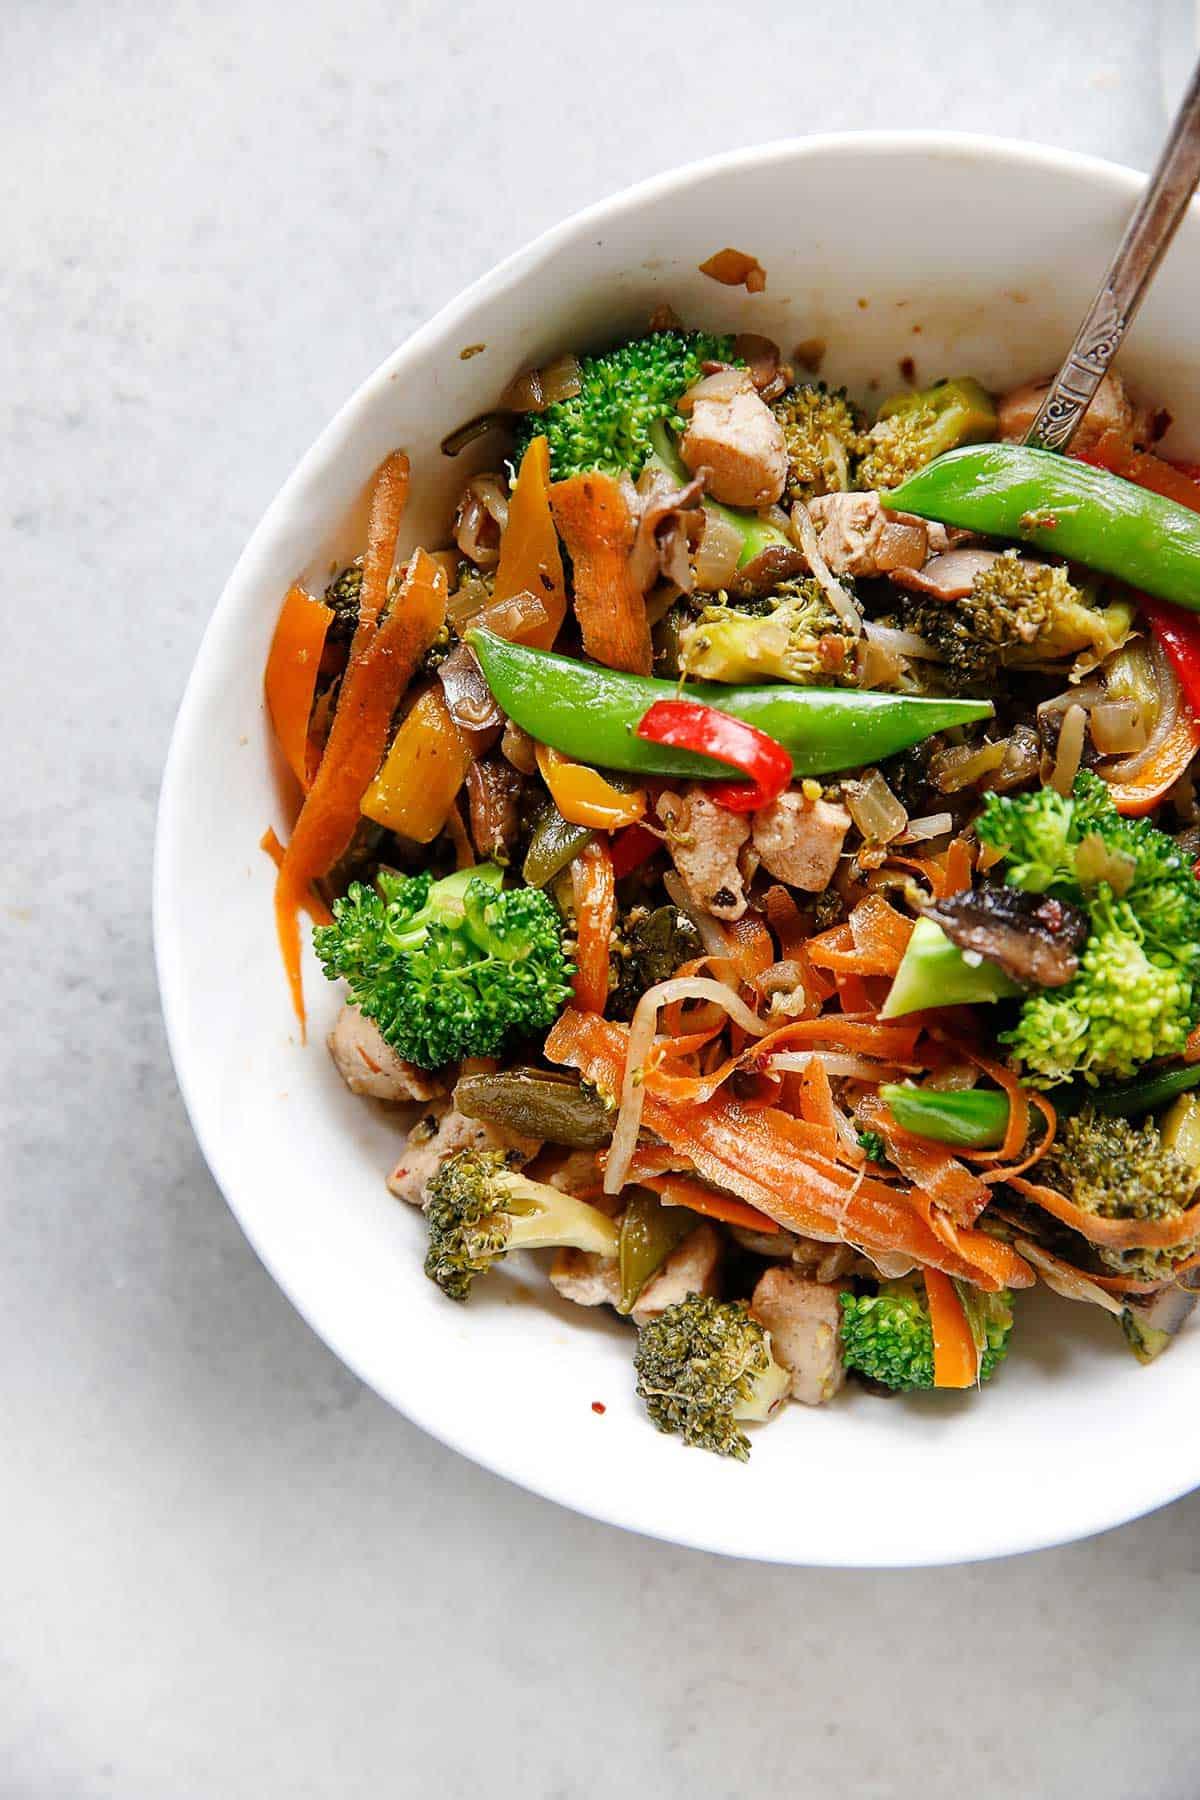 Paleo Stir Fry with cauliflower rice